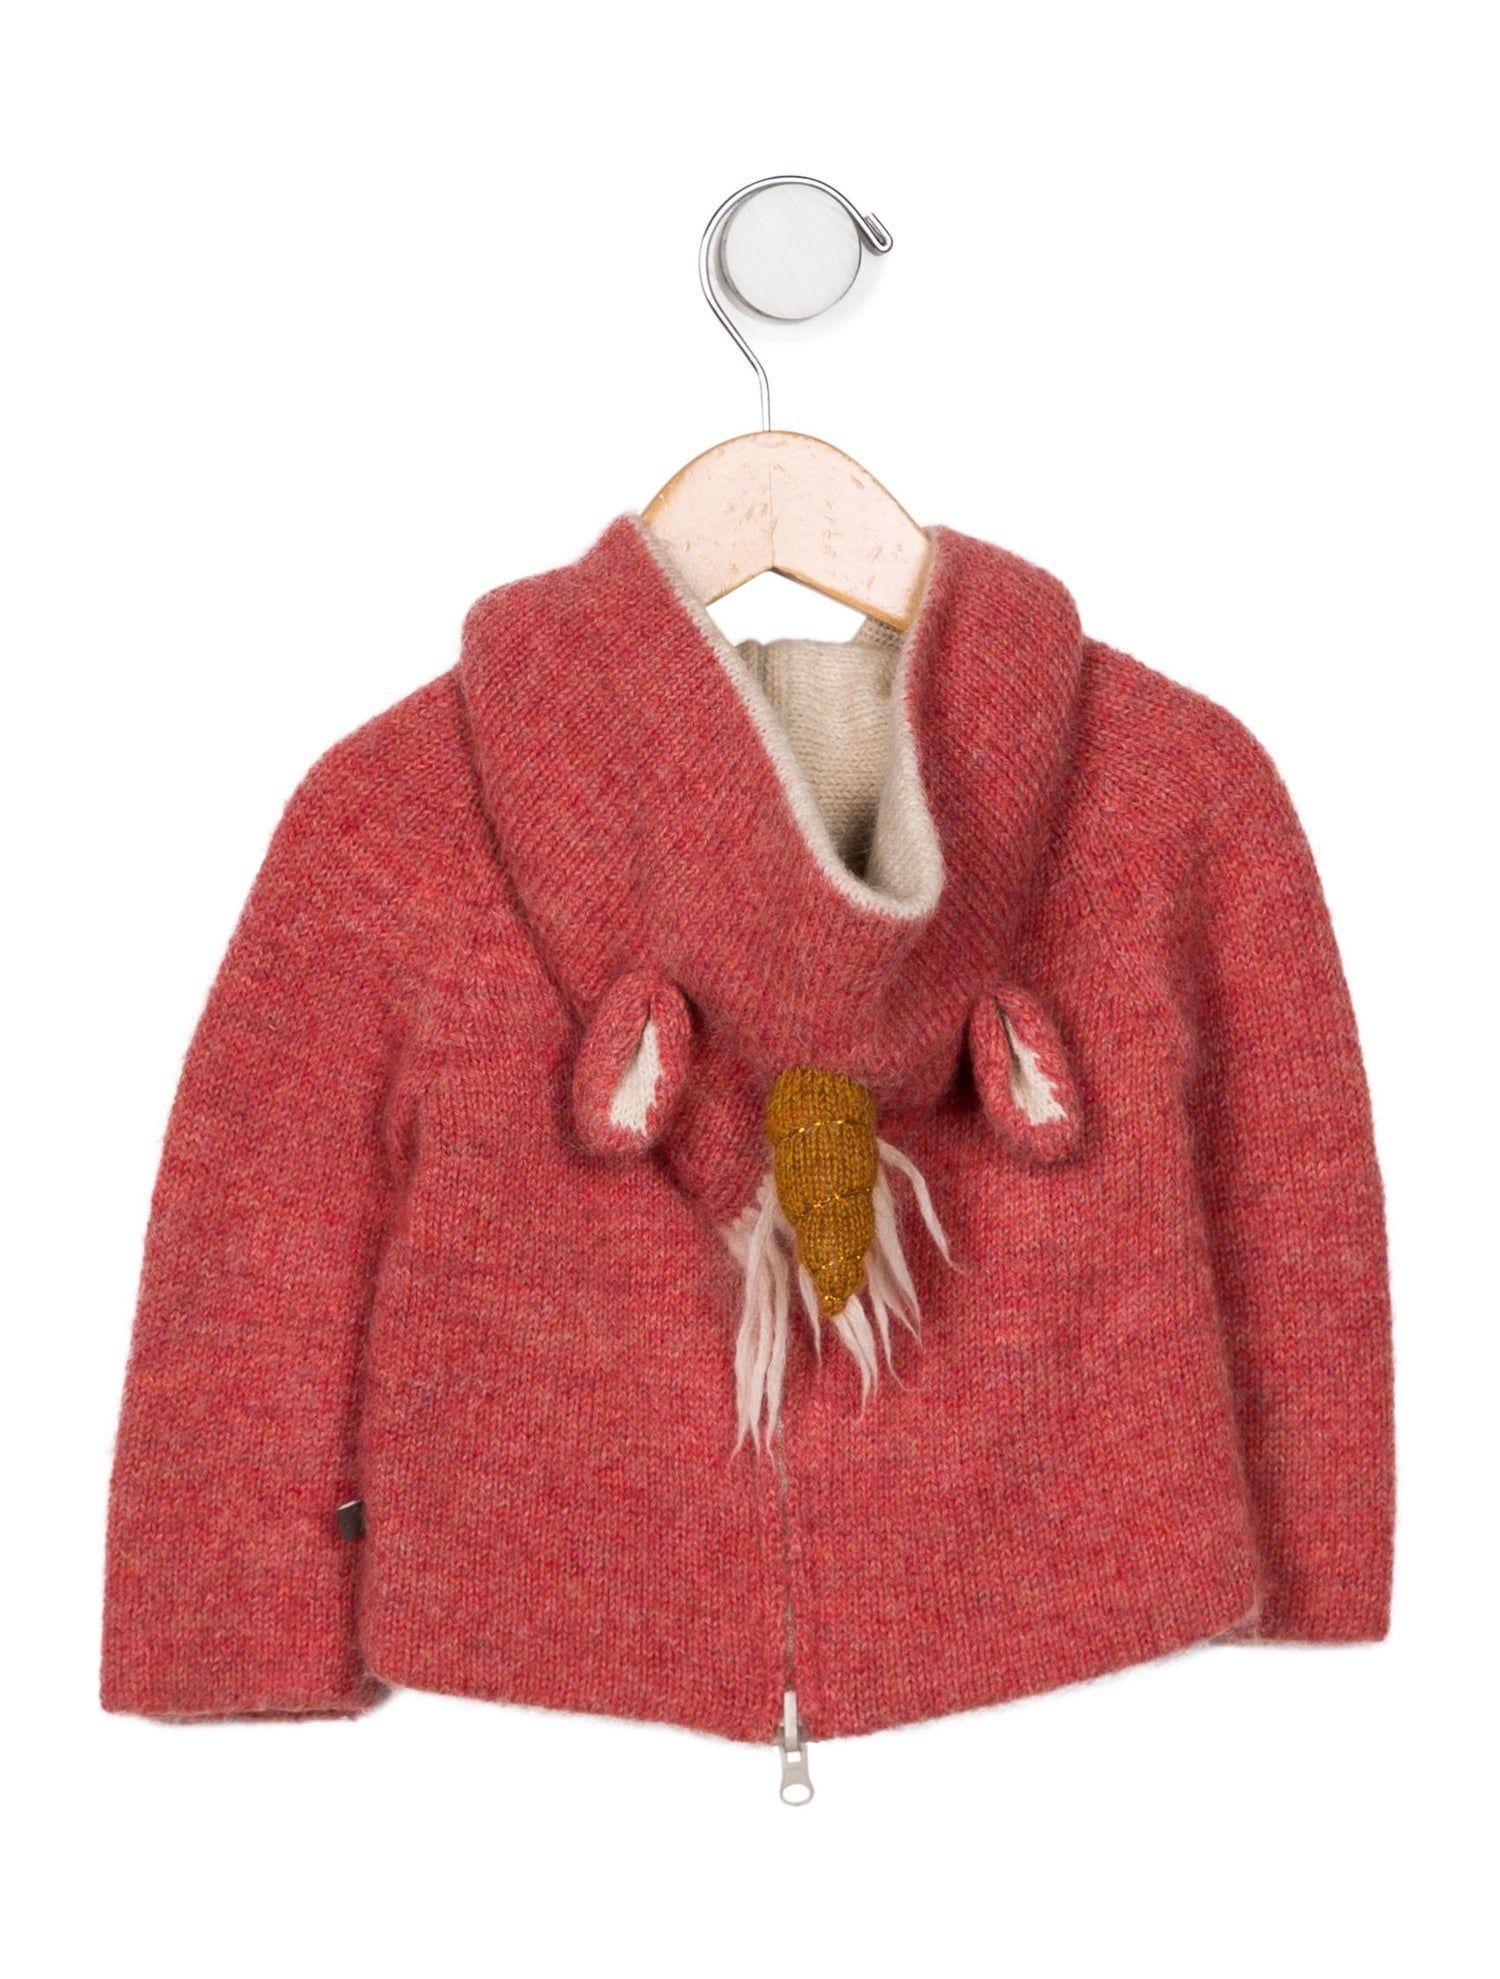 Oeuf Girls' Baby Alpaca Reversible Sweater #SPONSORED #Girls